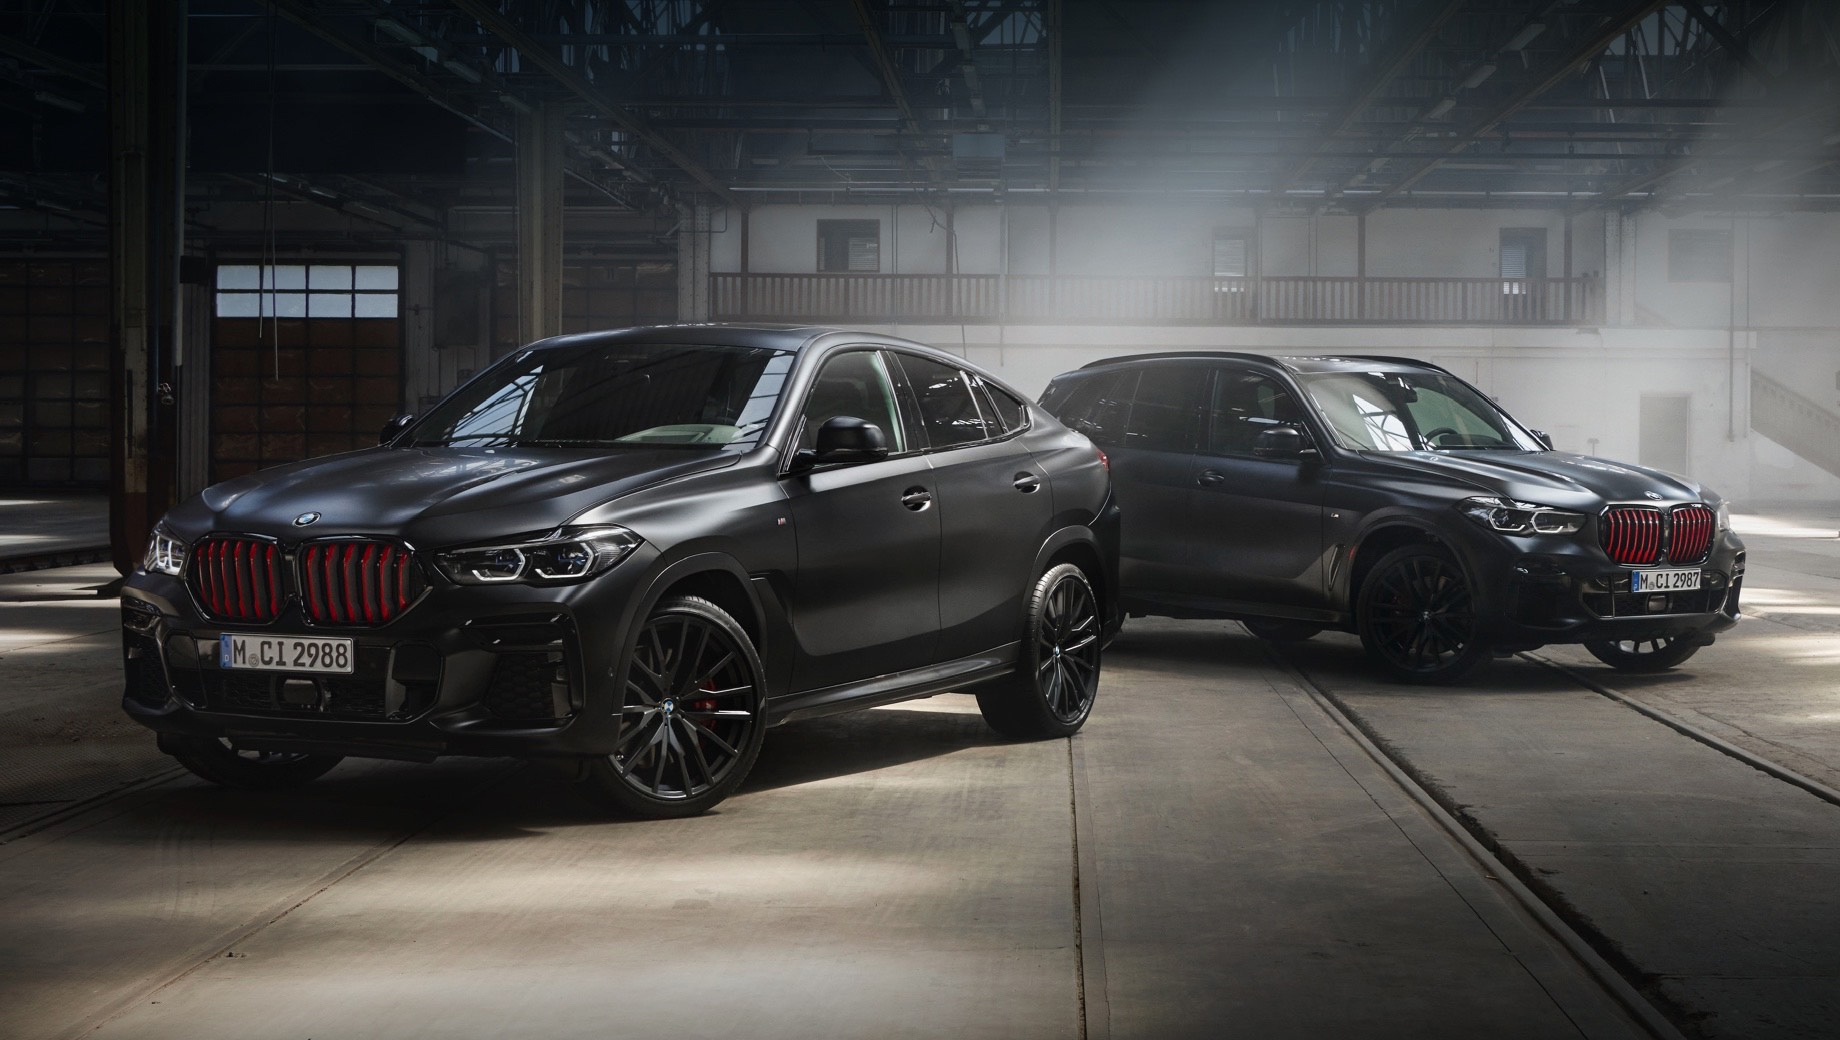 Спецверсия Black Vermilion приукрасит BMW X5 и X6 в России